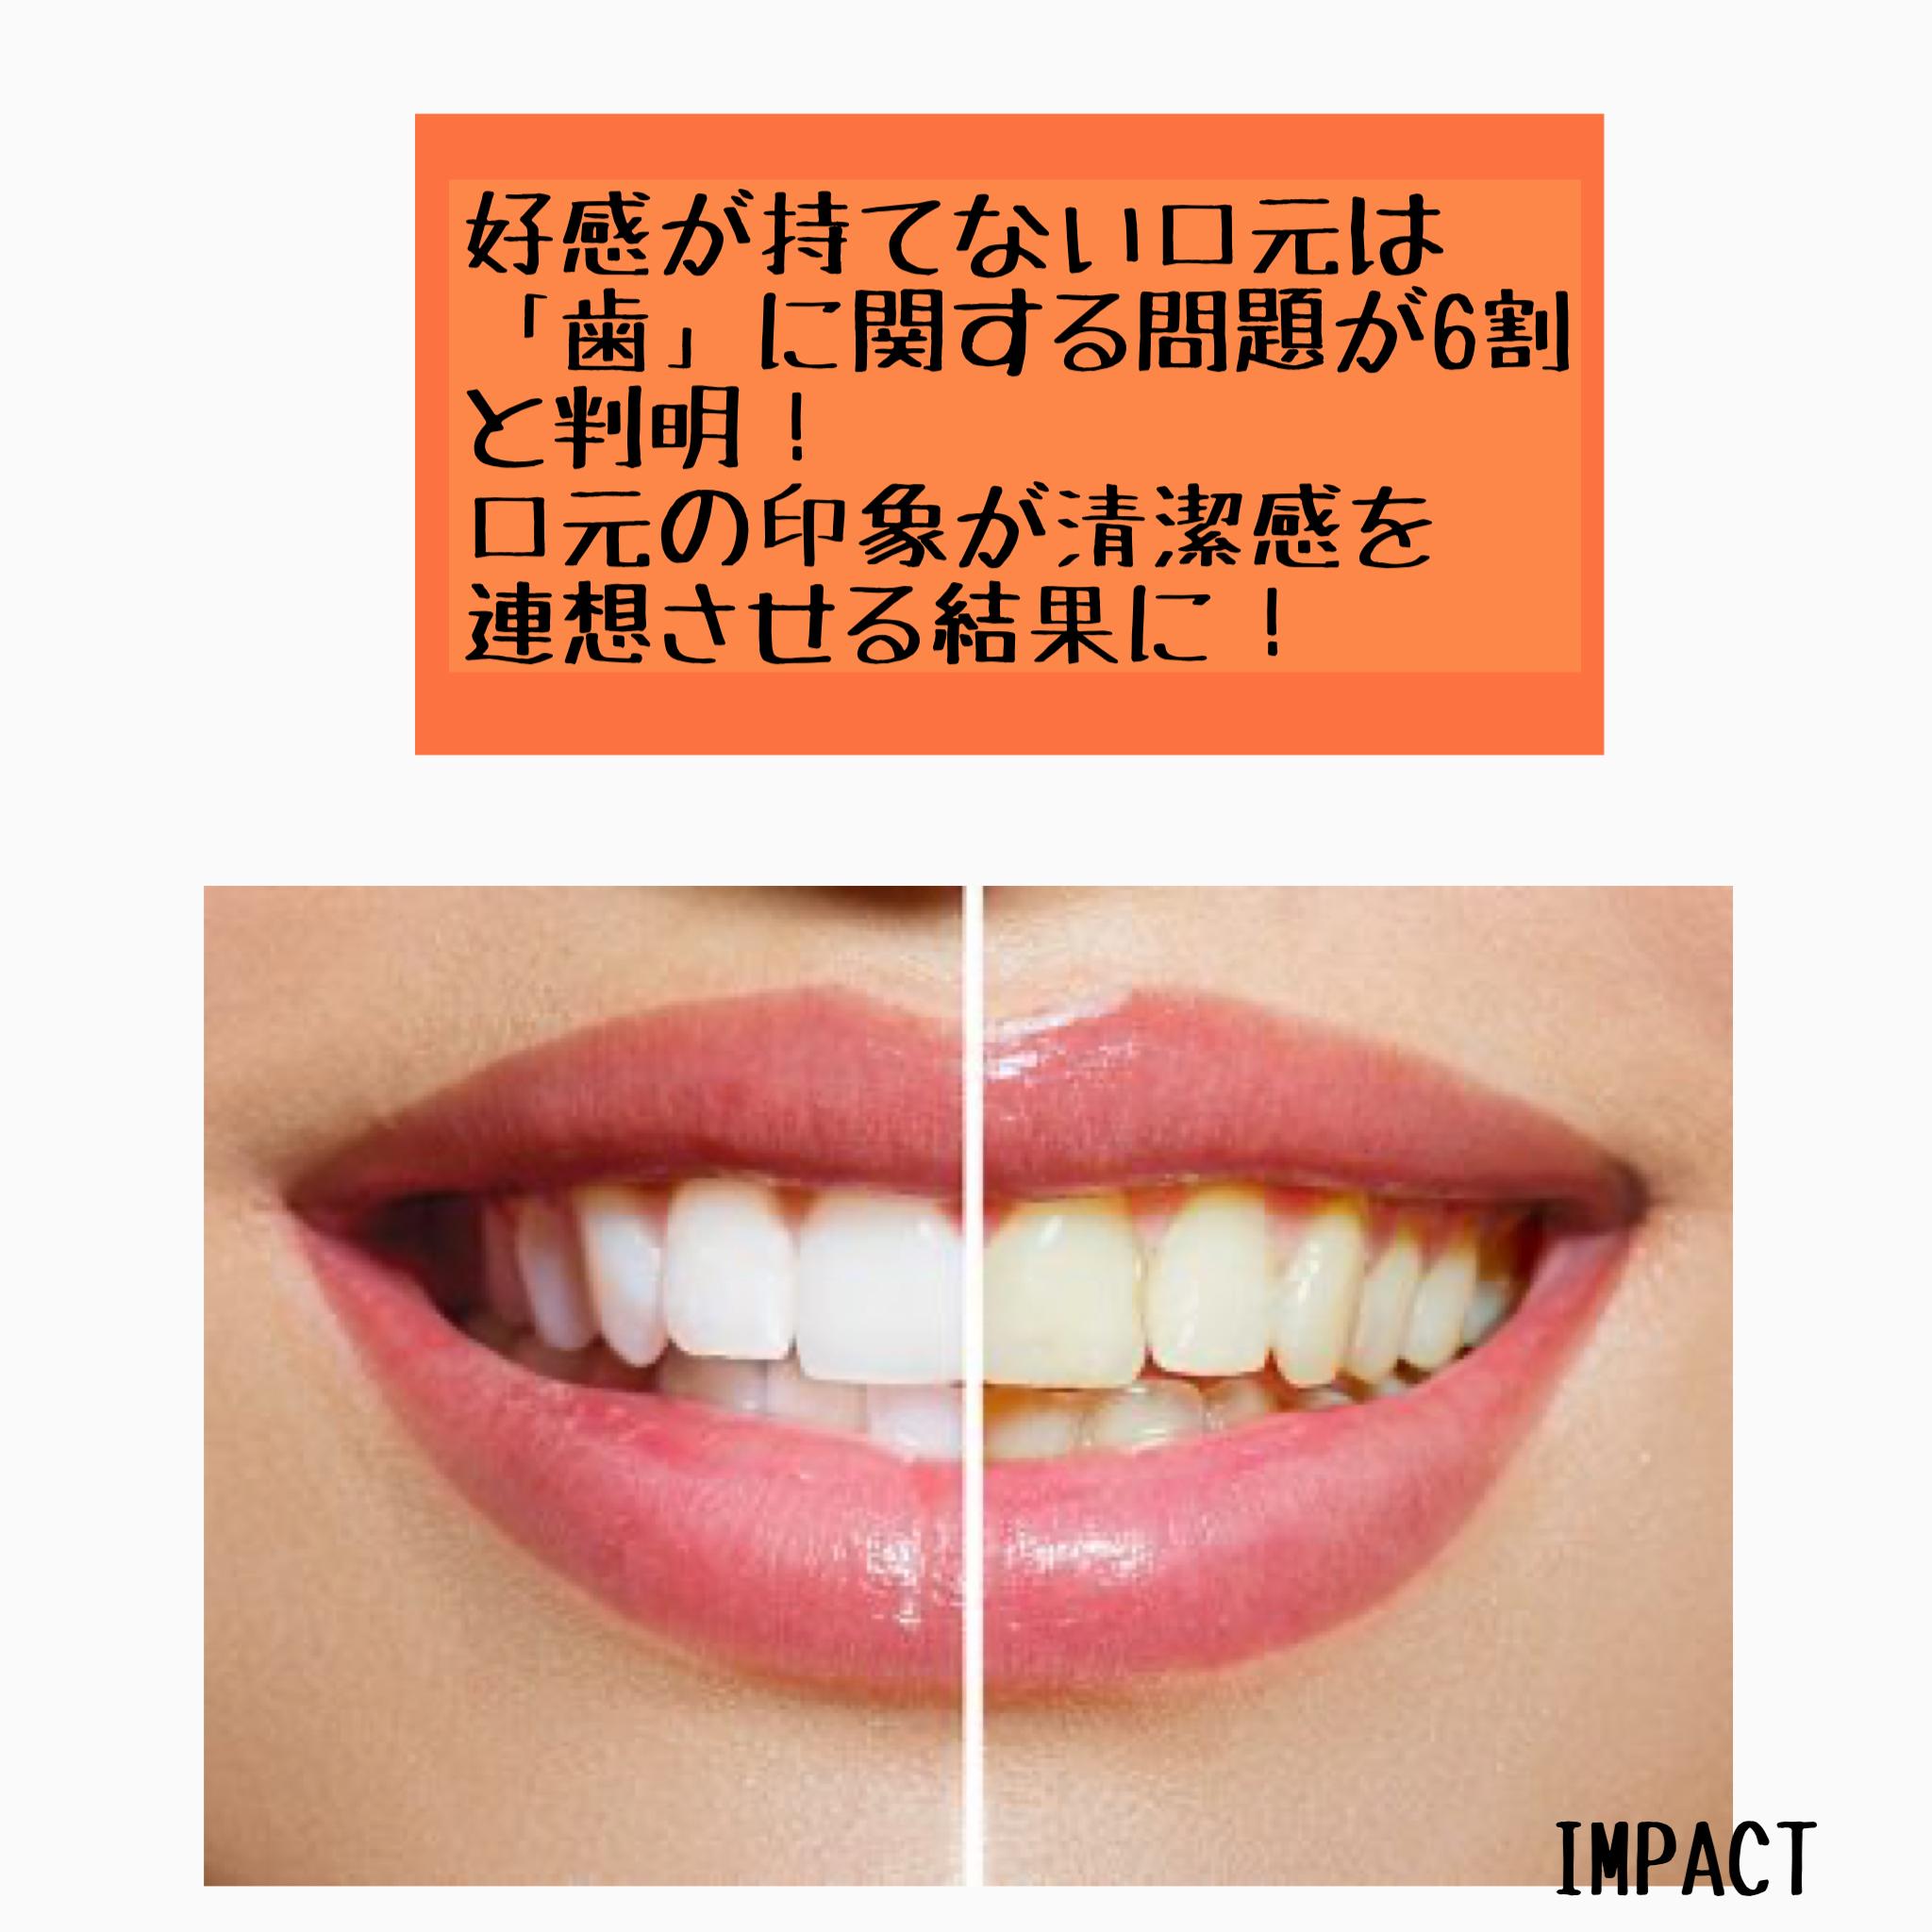 好感が持てない口元は歯が原因?